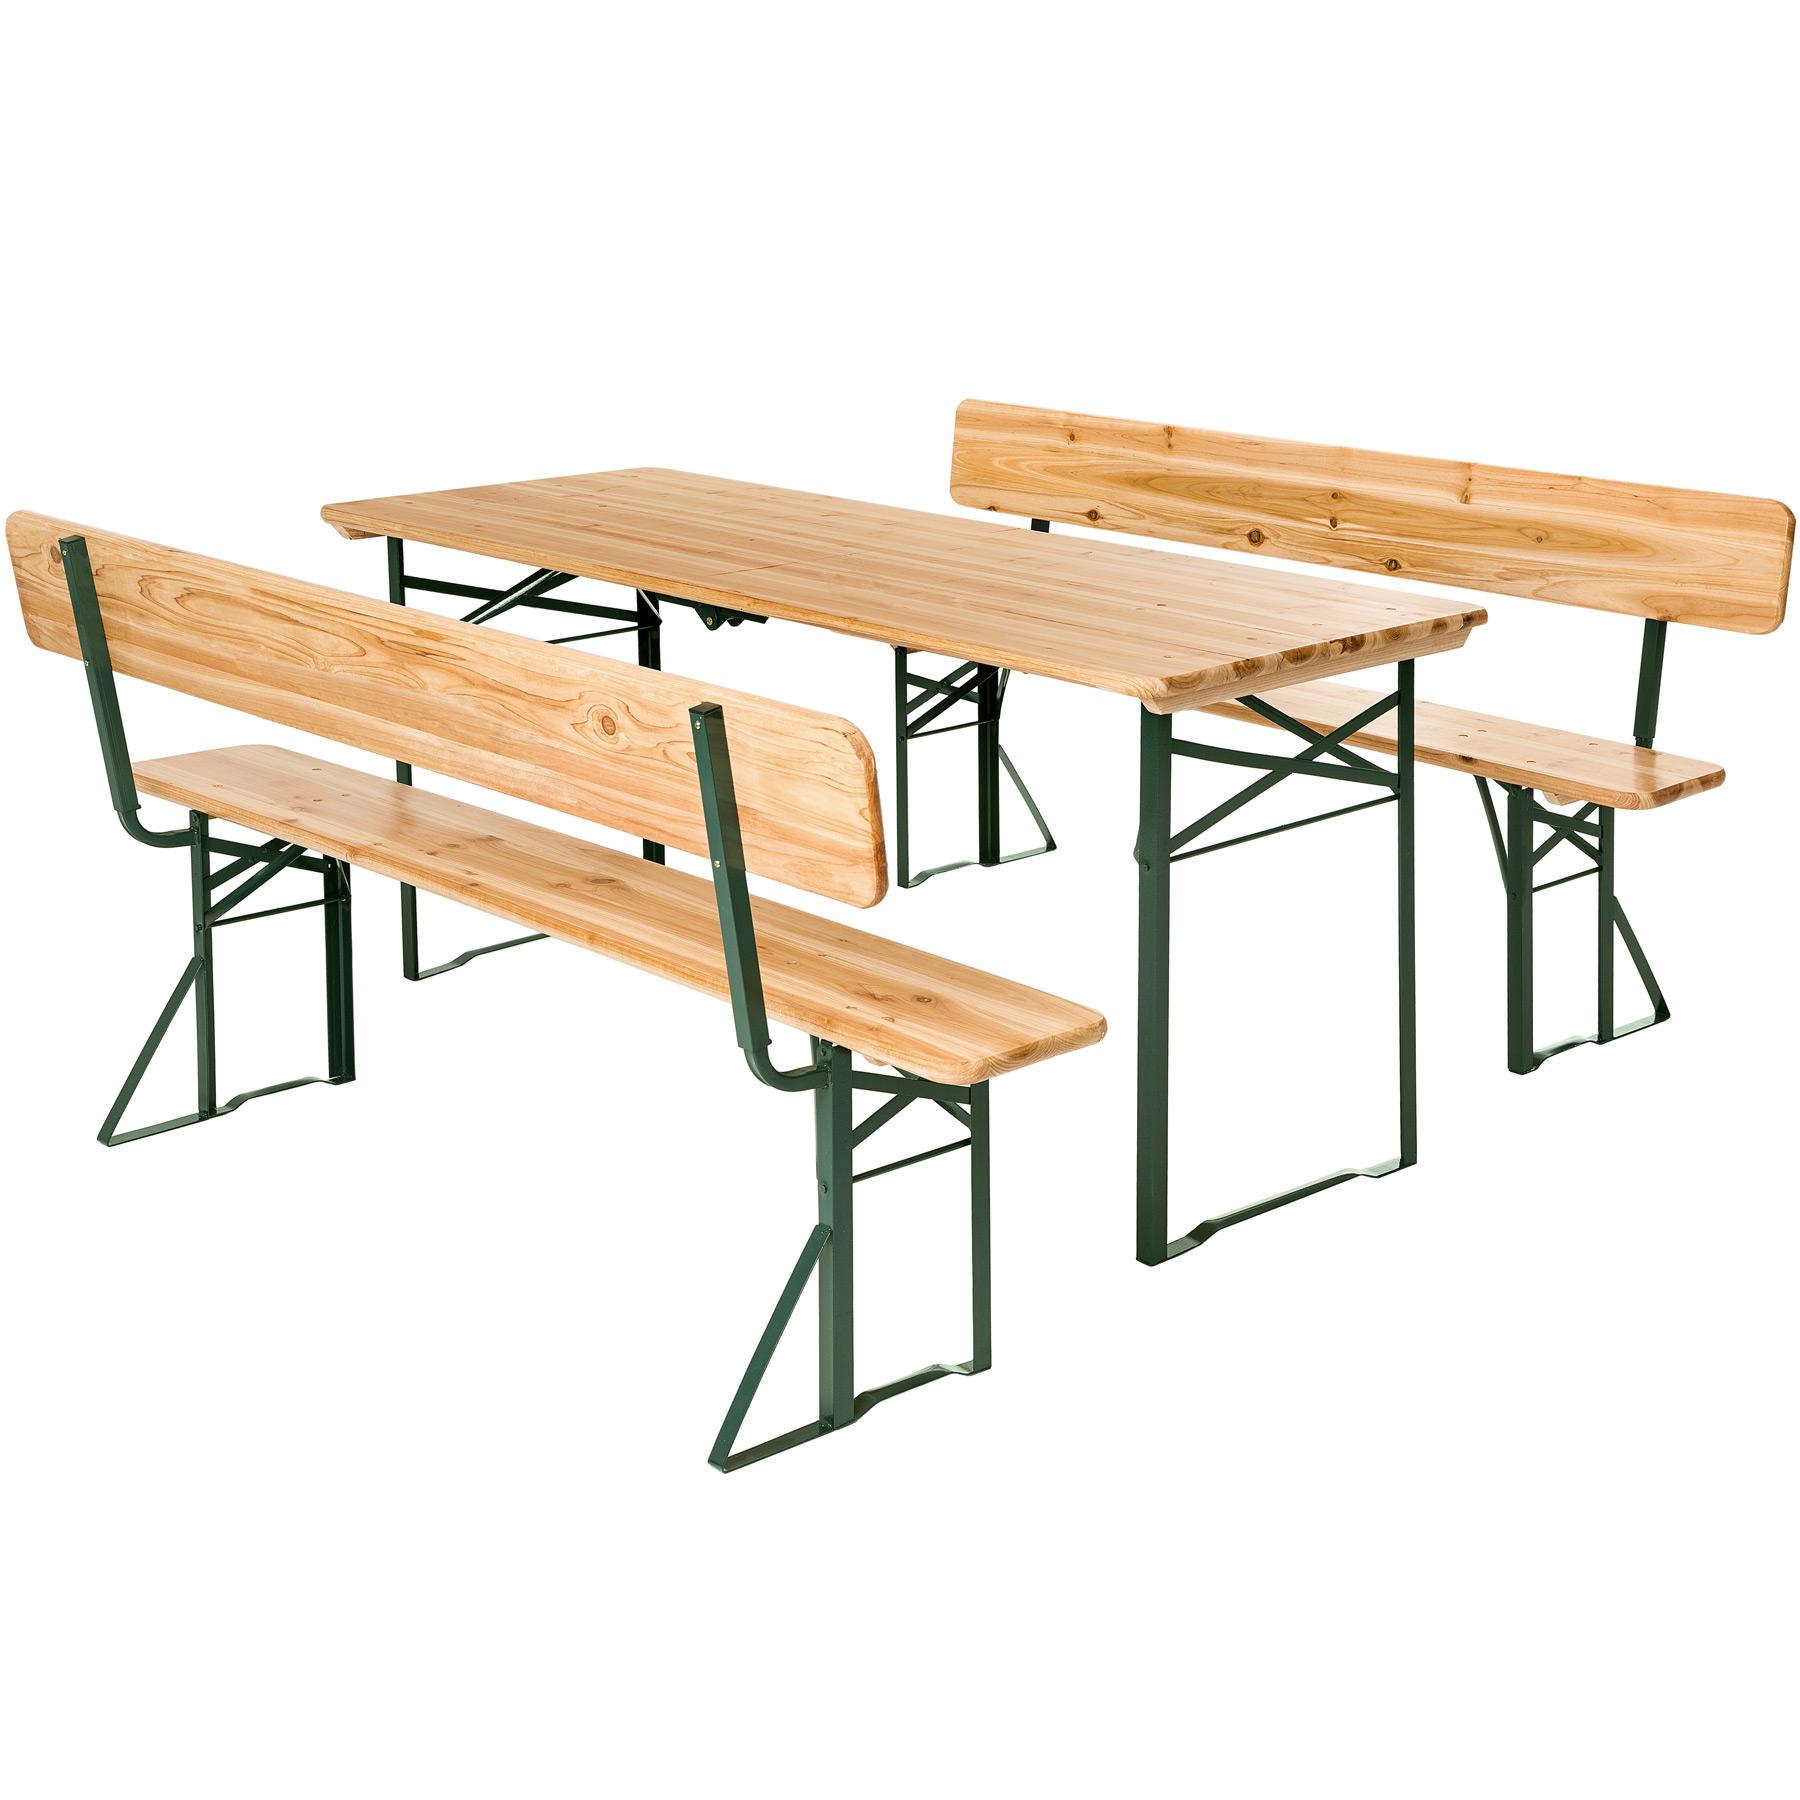 Détails Sur Ensemble De Table Et Bancs Avec Dossier Meubles De Jardin Fête  Set Bois Pliable intérieur Table De Jardin Pliante En Bois